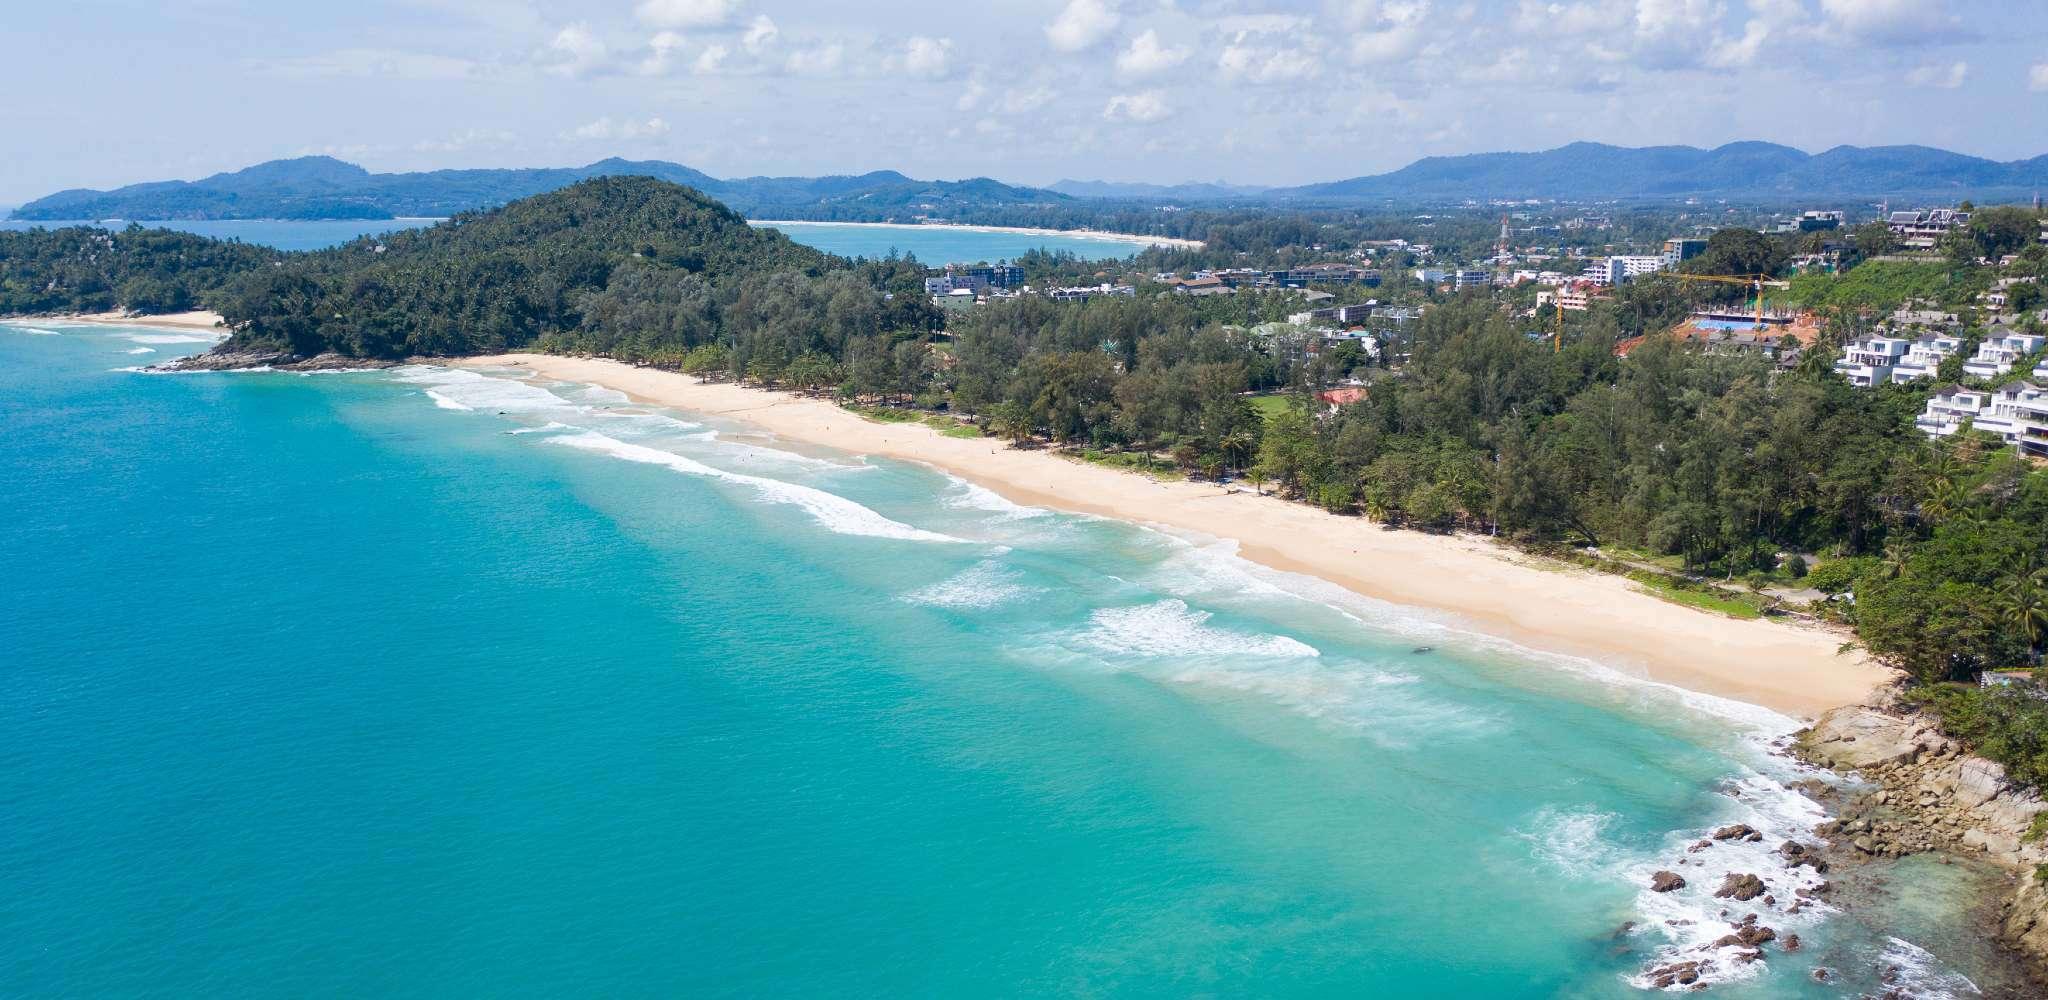 De baai van Surin Beach op Phuket gezien met een drone